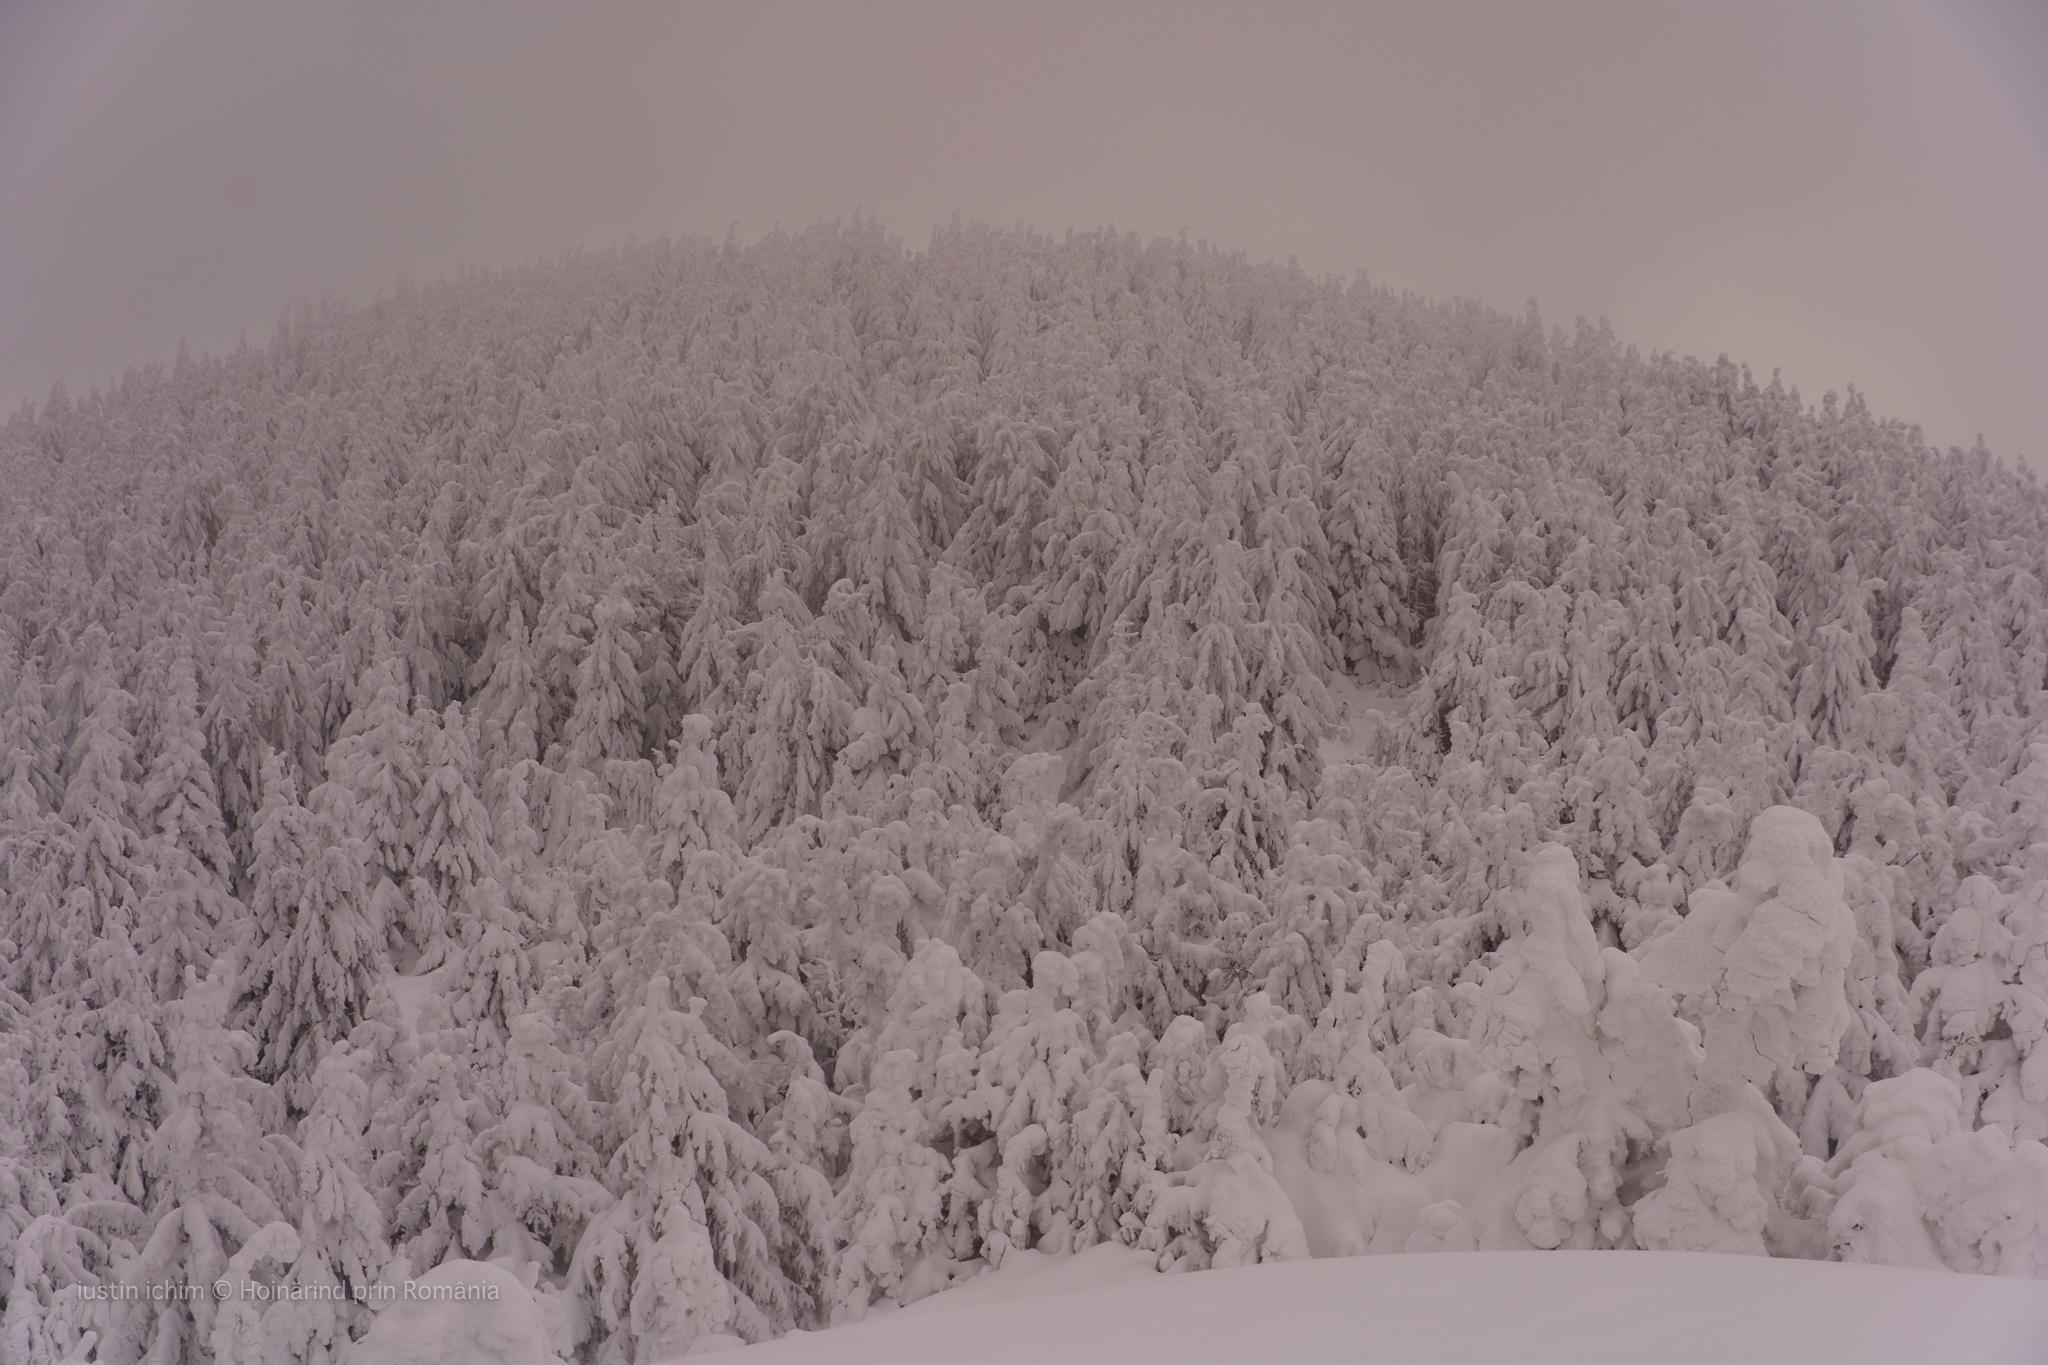 Peisaj de iarnă, brazi acoperiți complet de zăpadă